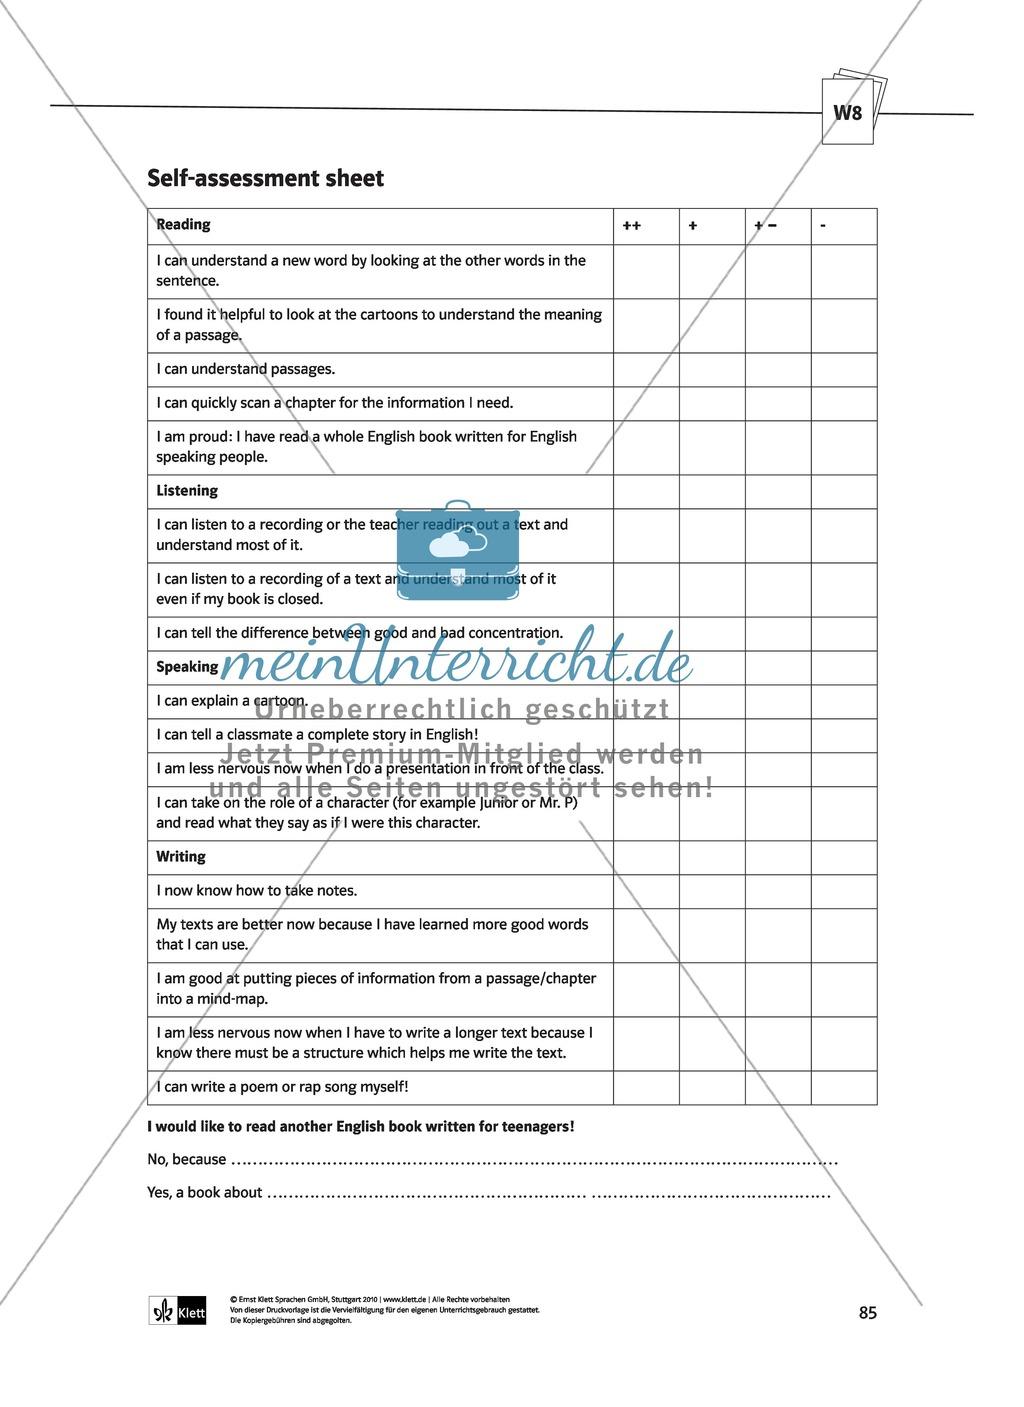 Mögliche Zusatzaufgaben innerhalb einer Unterrichtseinheit zum Thema